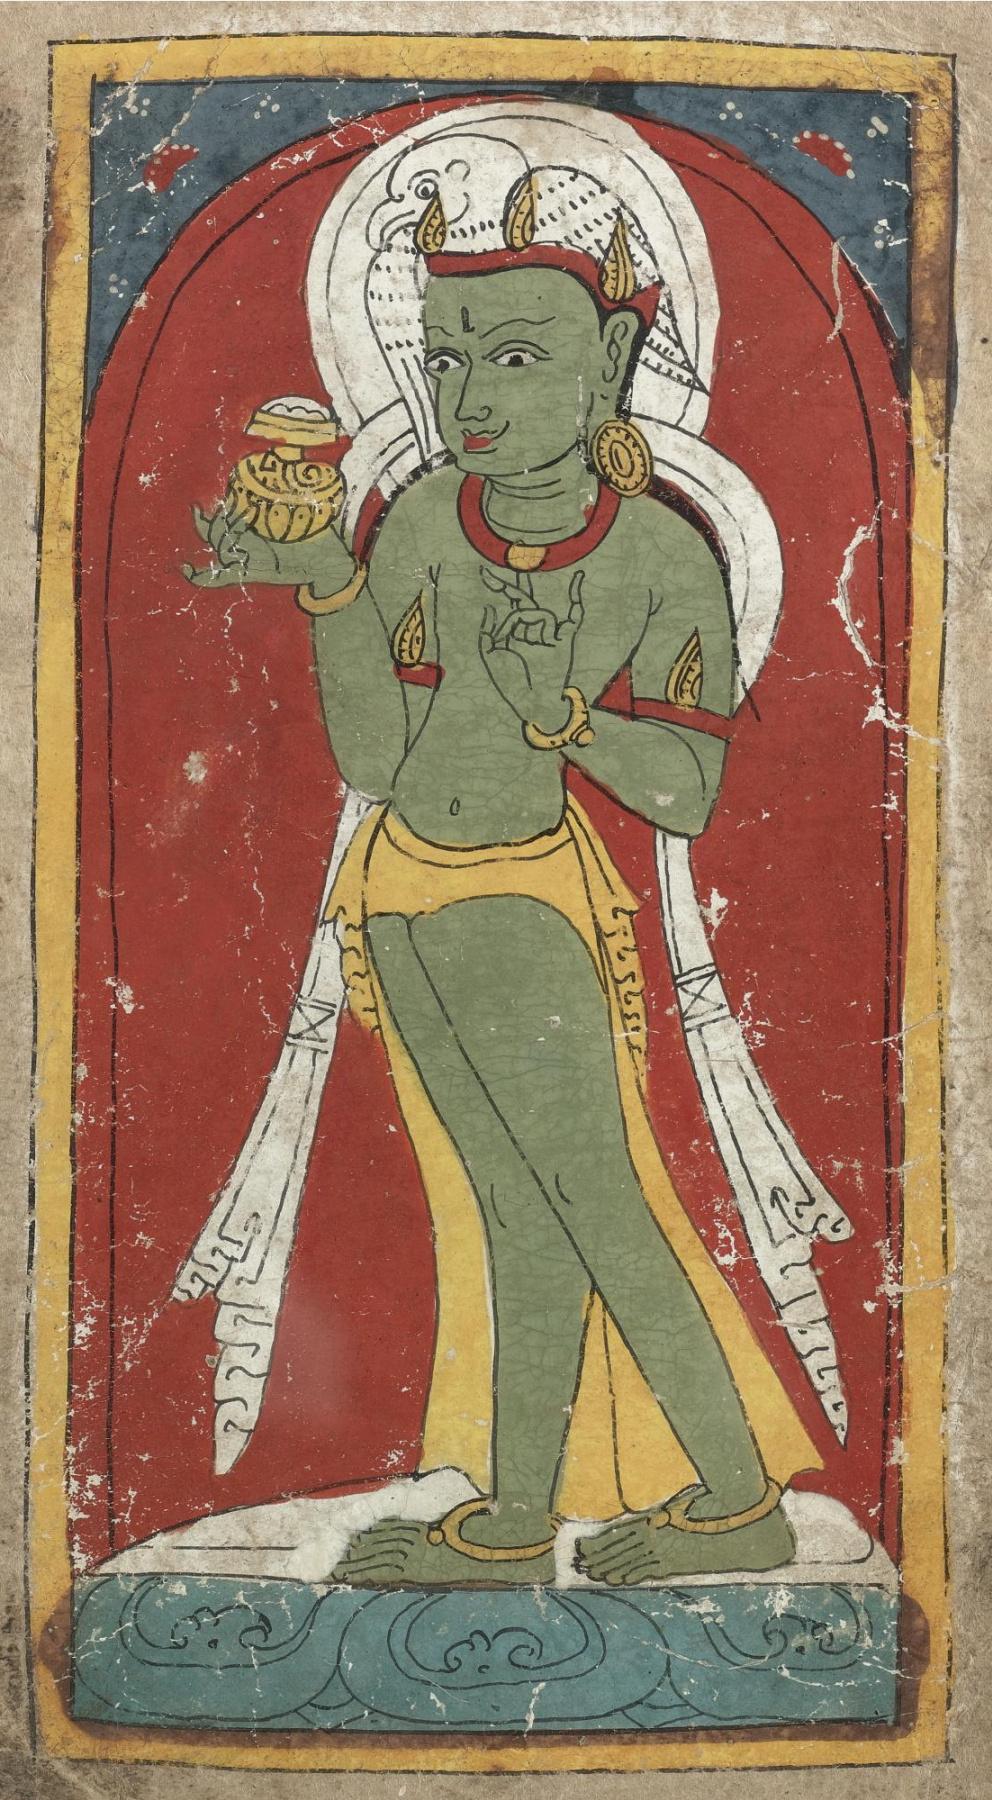 Unknown artist. Bonpo-tsakli, the deity of the teacher